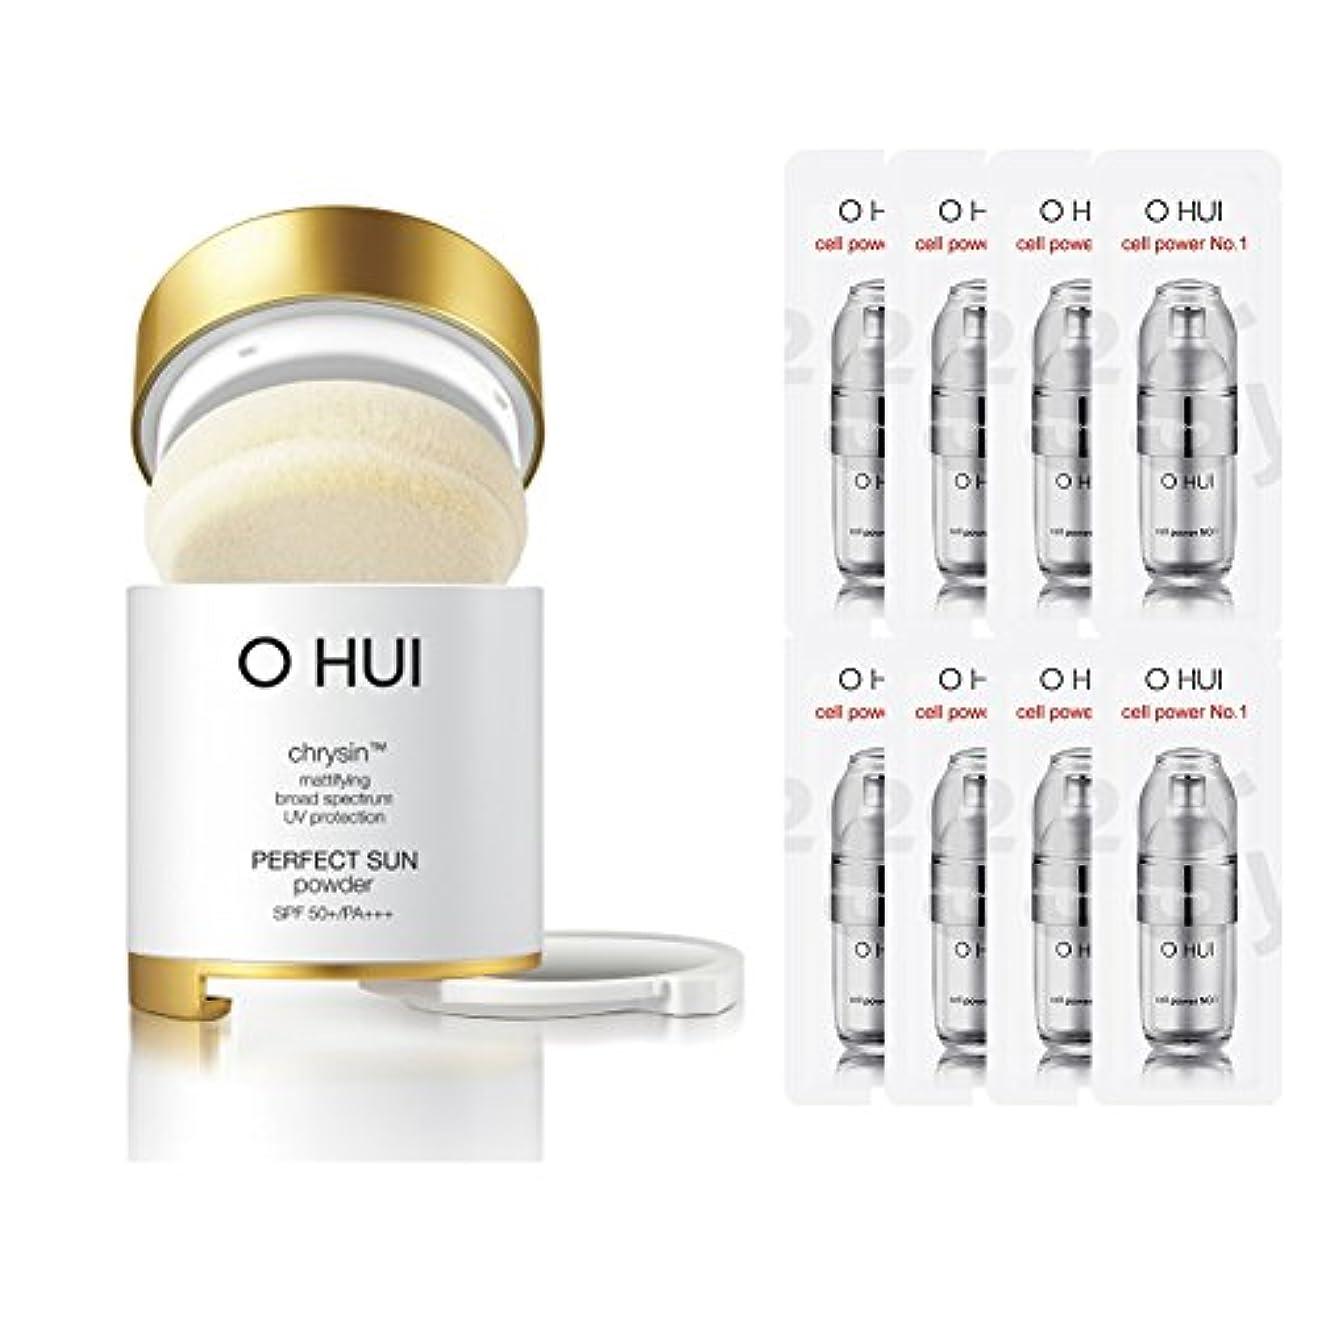 歪める浮浪者おびえたOHUI/オフィ2015年 パーフェクトサンパウダー (OHUI Version Perfect Sun Powder SPF50++PA+++ Special Gift set) スポット [海外直送品] (2号ベージュ)